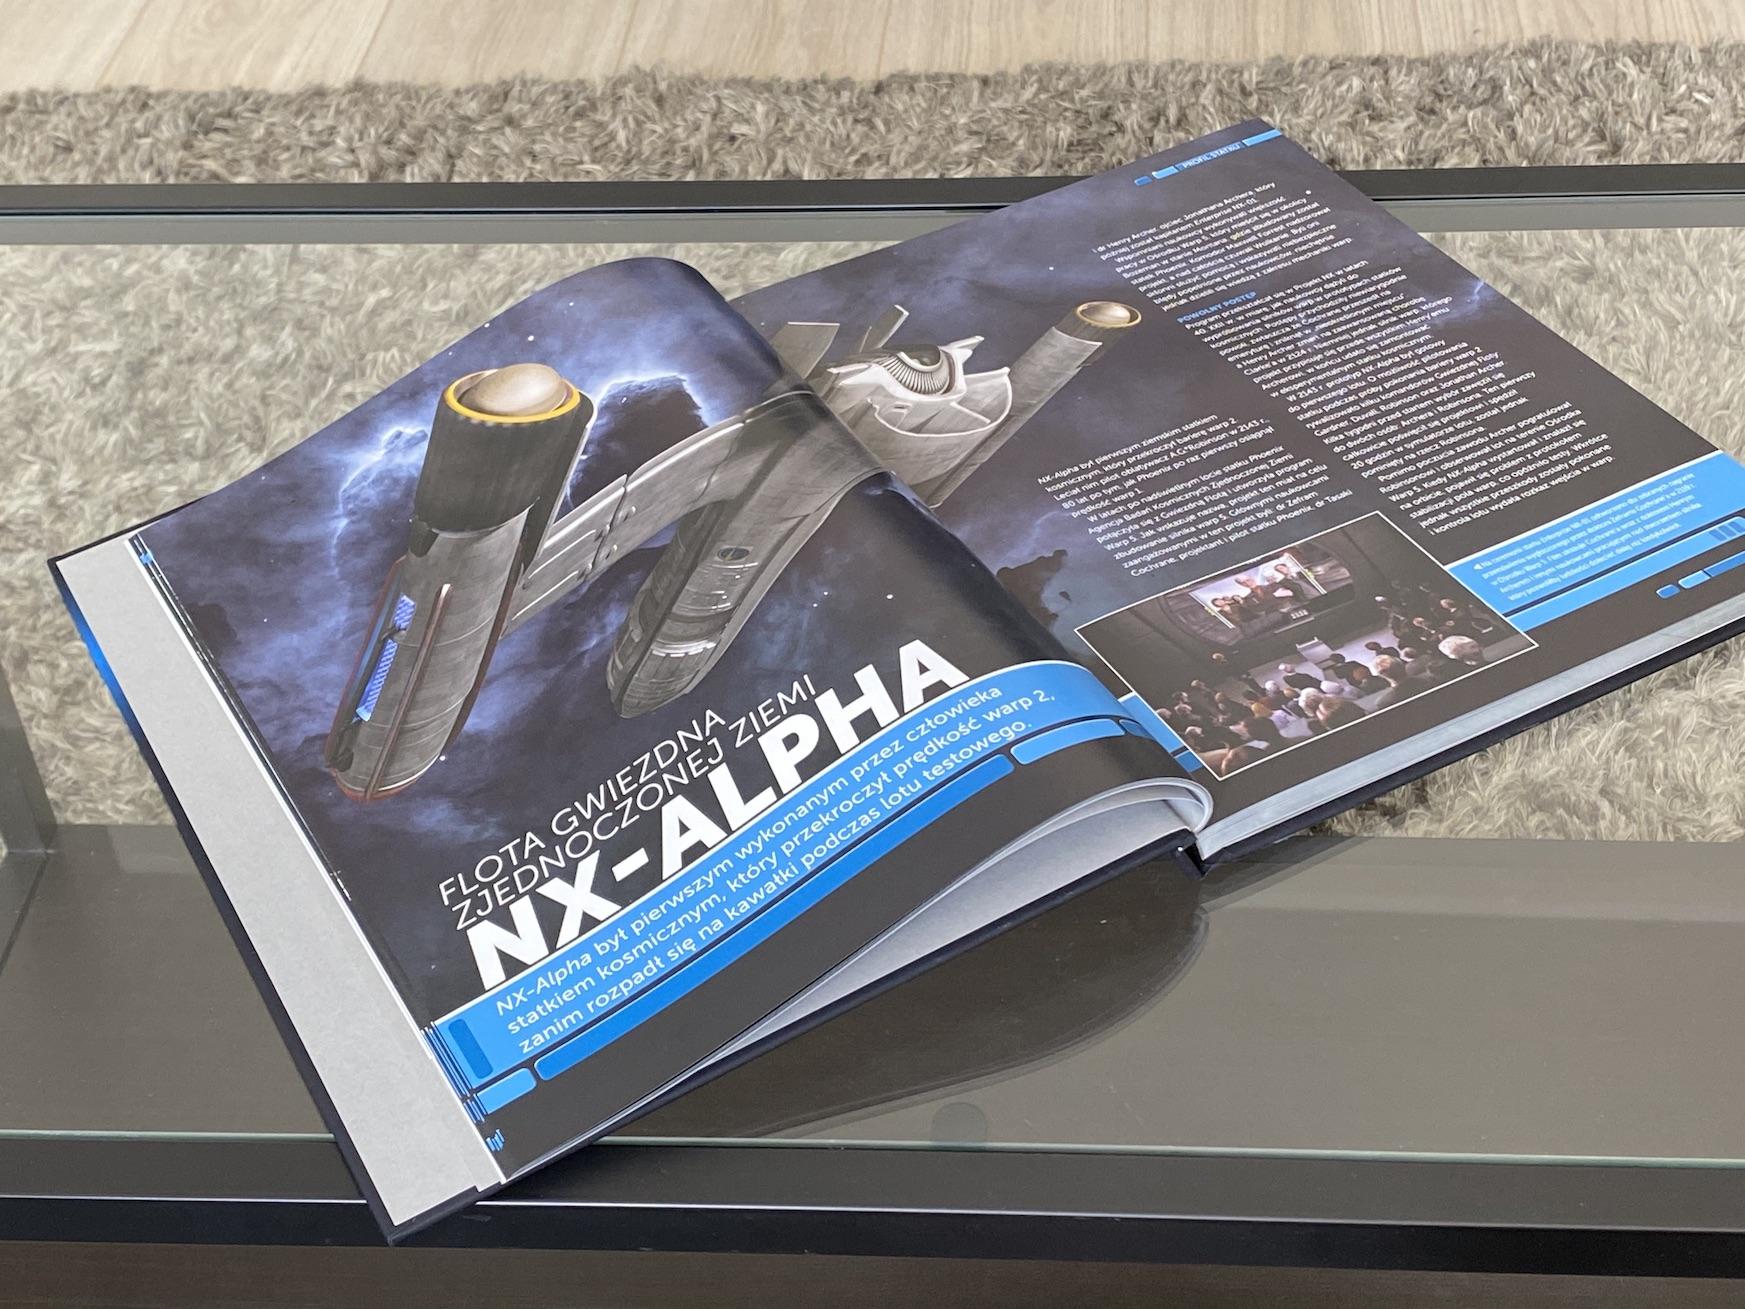 encyklopedia statków star trek statki gwiezdnej floty 2151-2293 recenzja